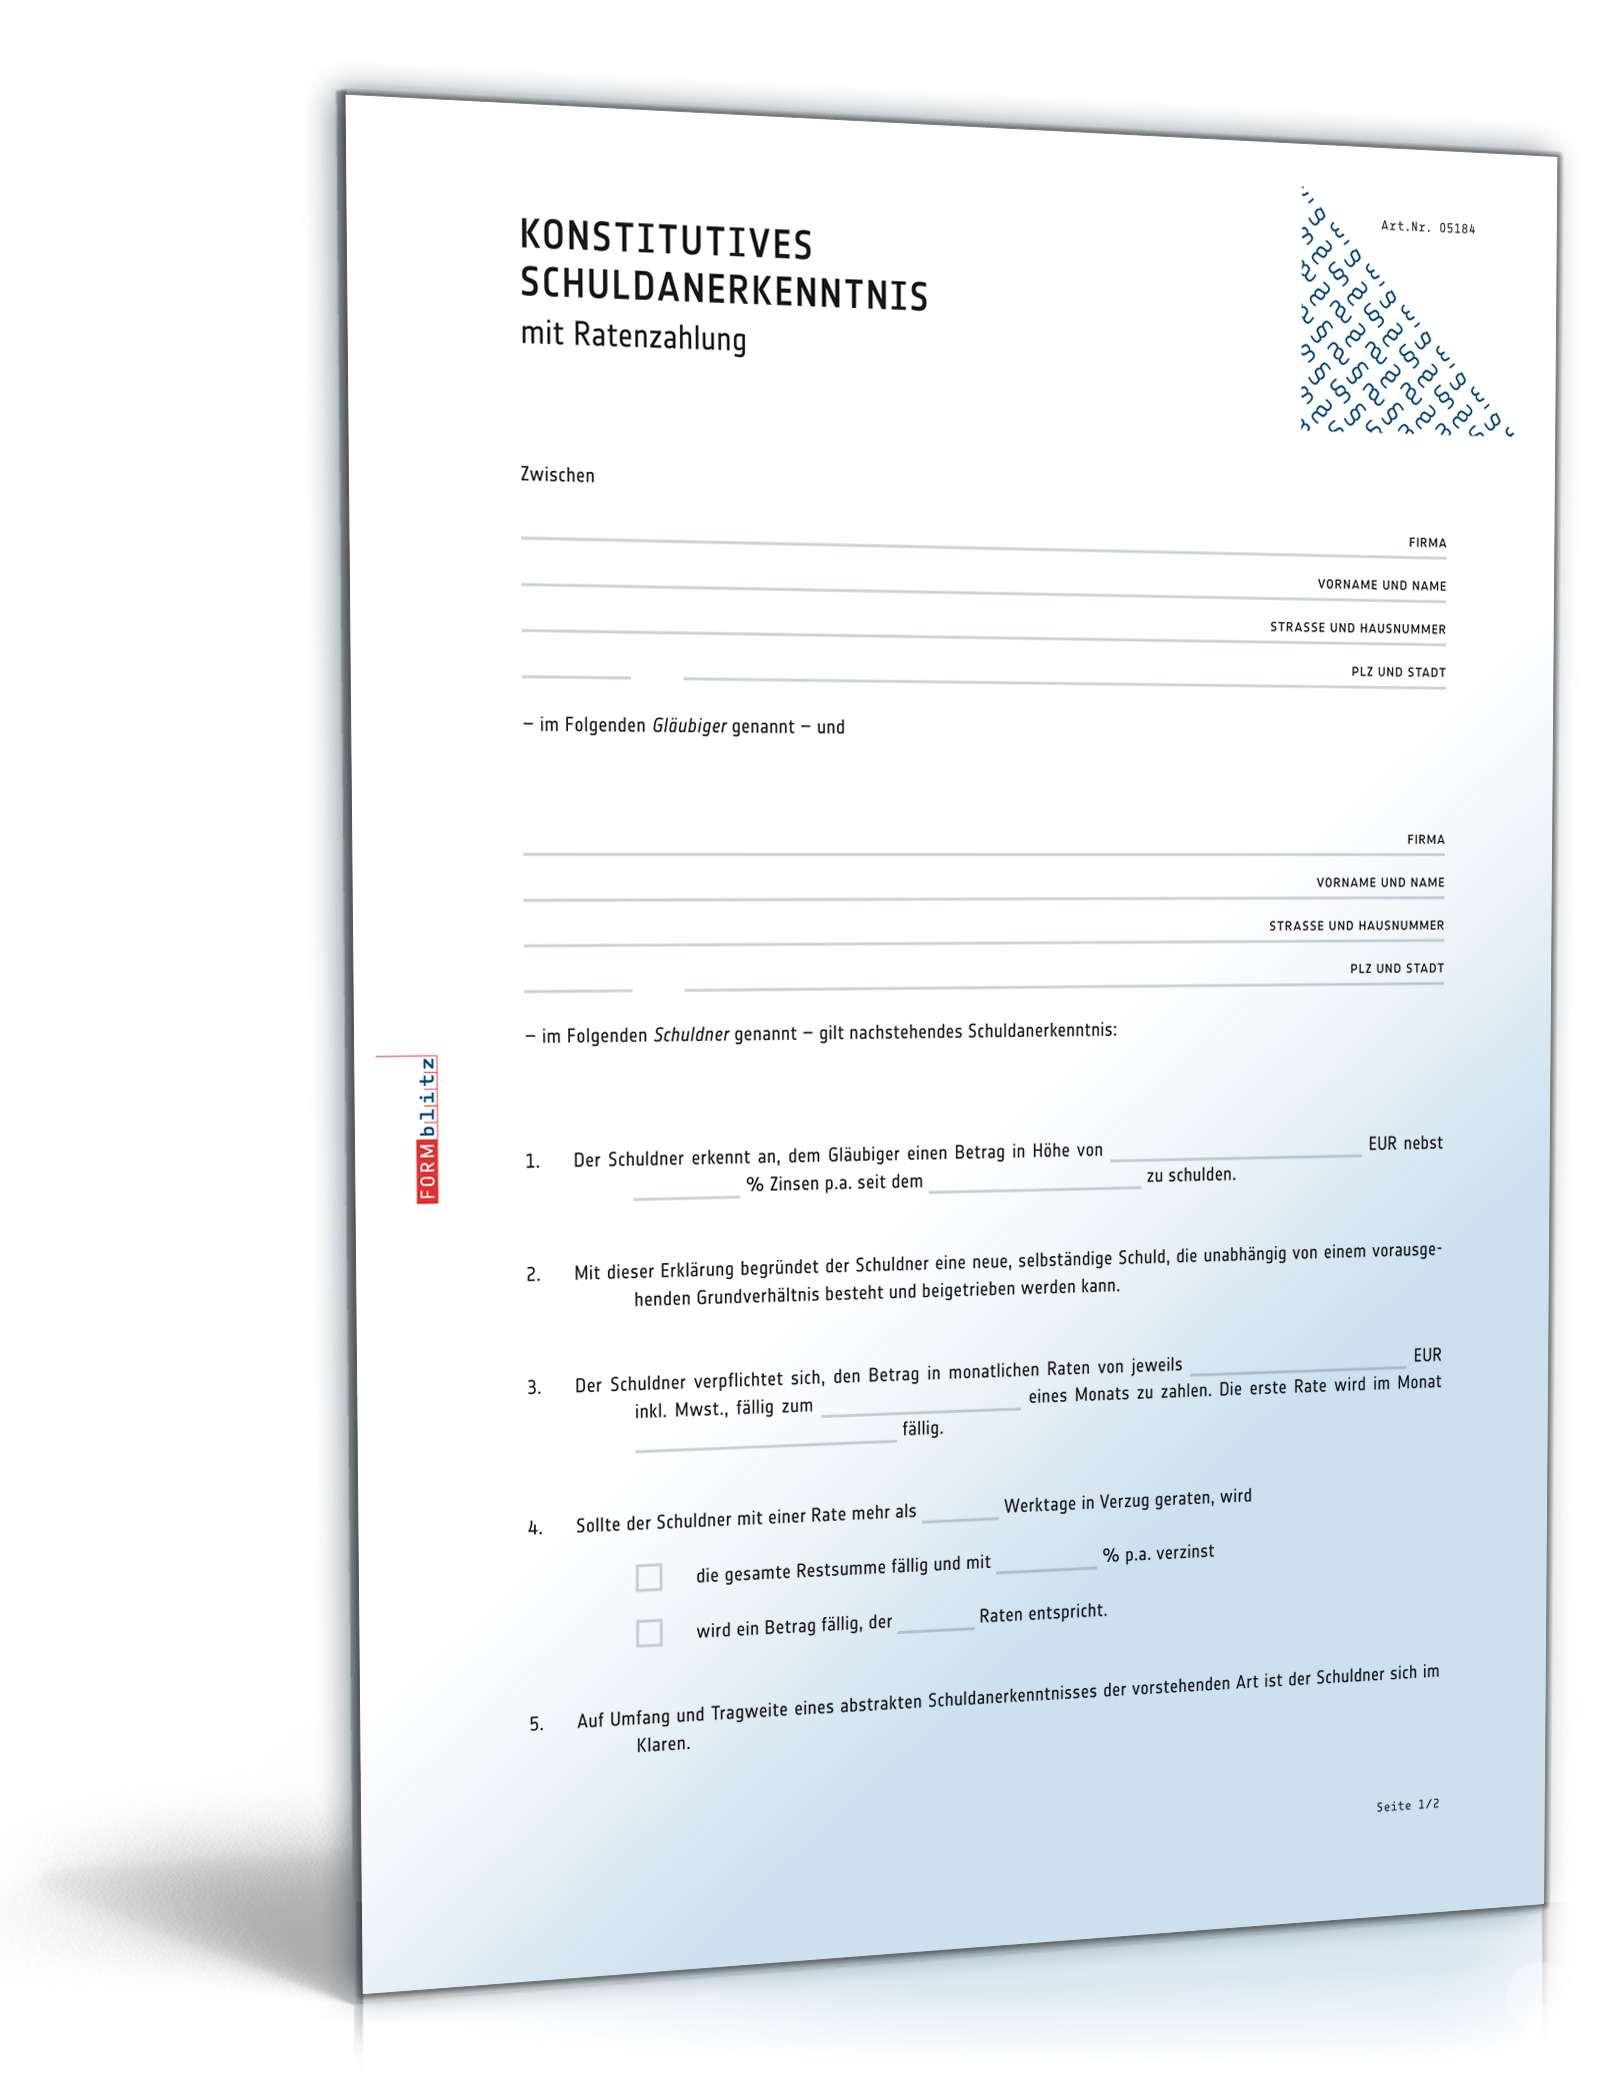 Schuldanerkenntnis Konstitutiv Ratenzahlung Vorlage Zum Download